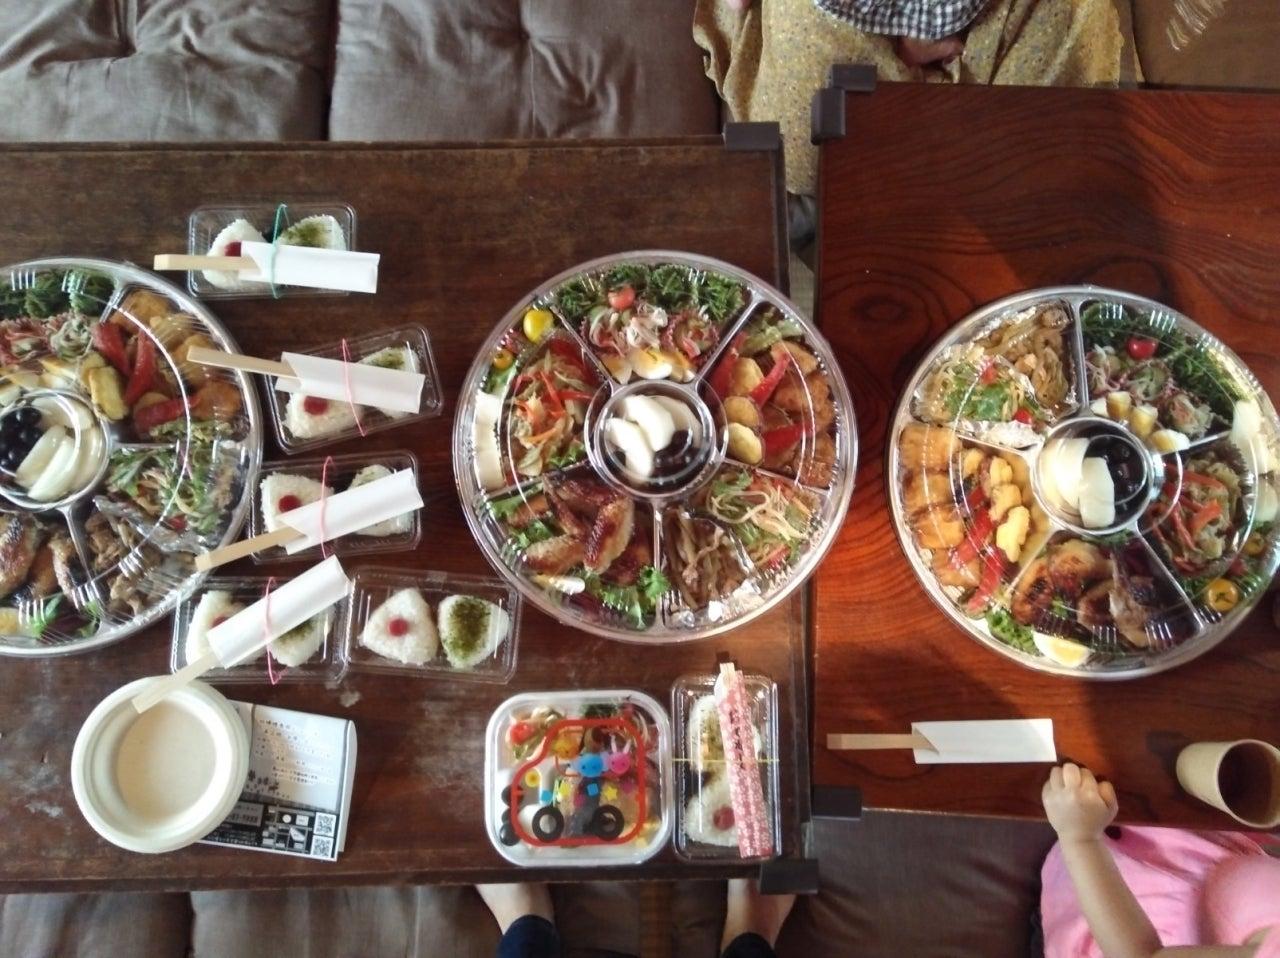 トラパレ大広間 近鉄奈良駅から徒歩7分、古民家で子連れ宴会、イベント、サークル、同窓会、ロケいろいろ活用してください。 の写真